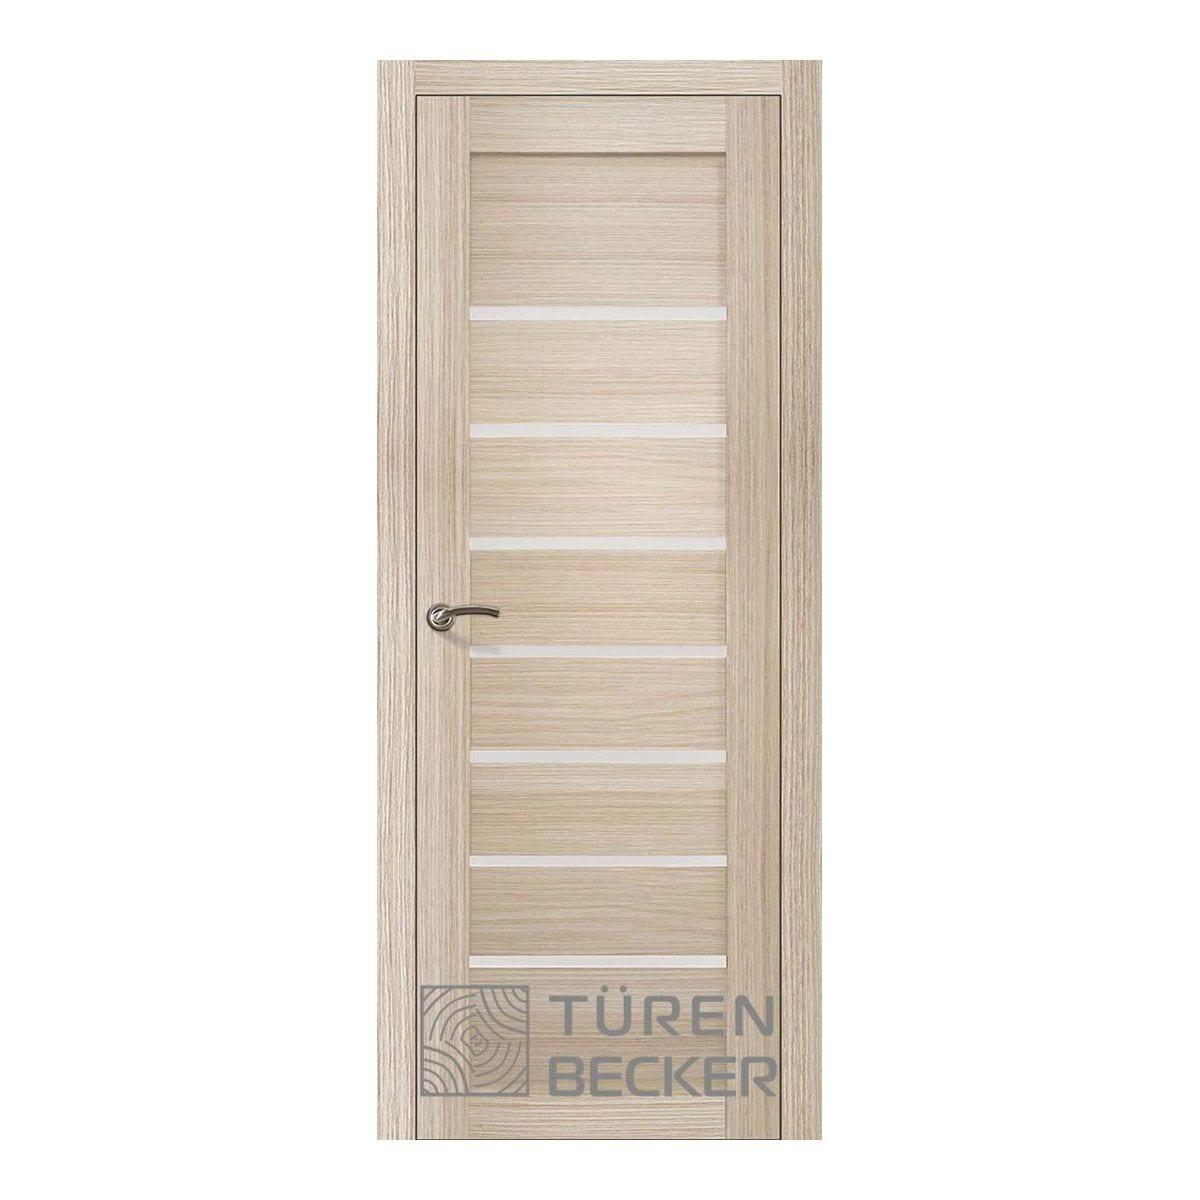 Дверное полотно Turen Becker Мета 900*2000мм ПО Life (7 стекол), 12.0.11, цвет Капучино